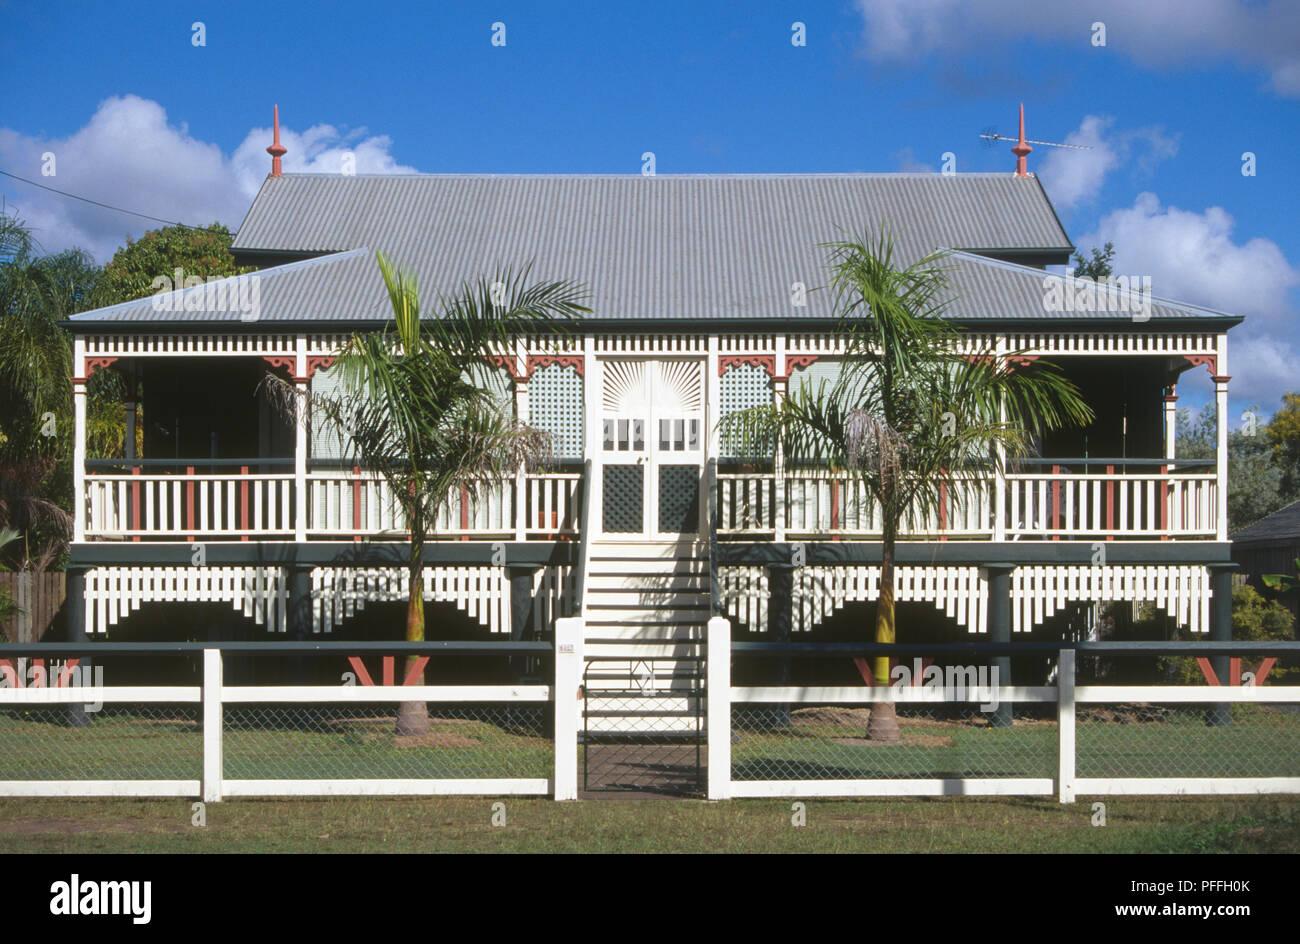 Australien, Queensland, Marlborough, weiß getünchte Fassade Holz Stelzenhaus mit Wellblechdach Stockfoto